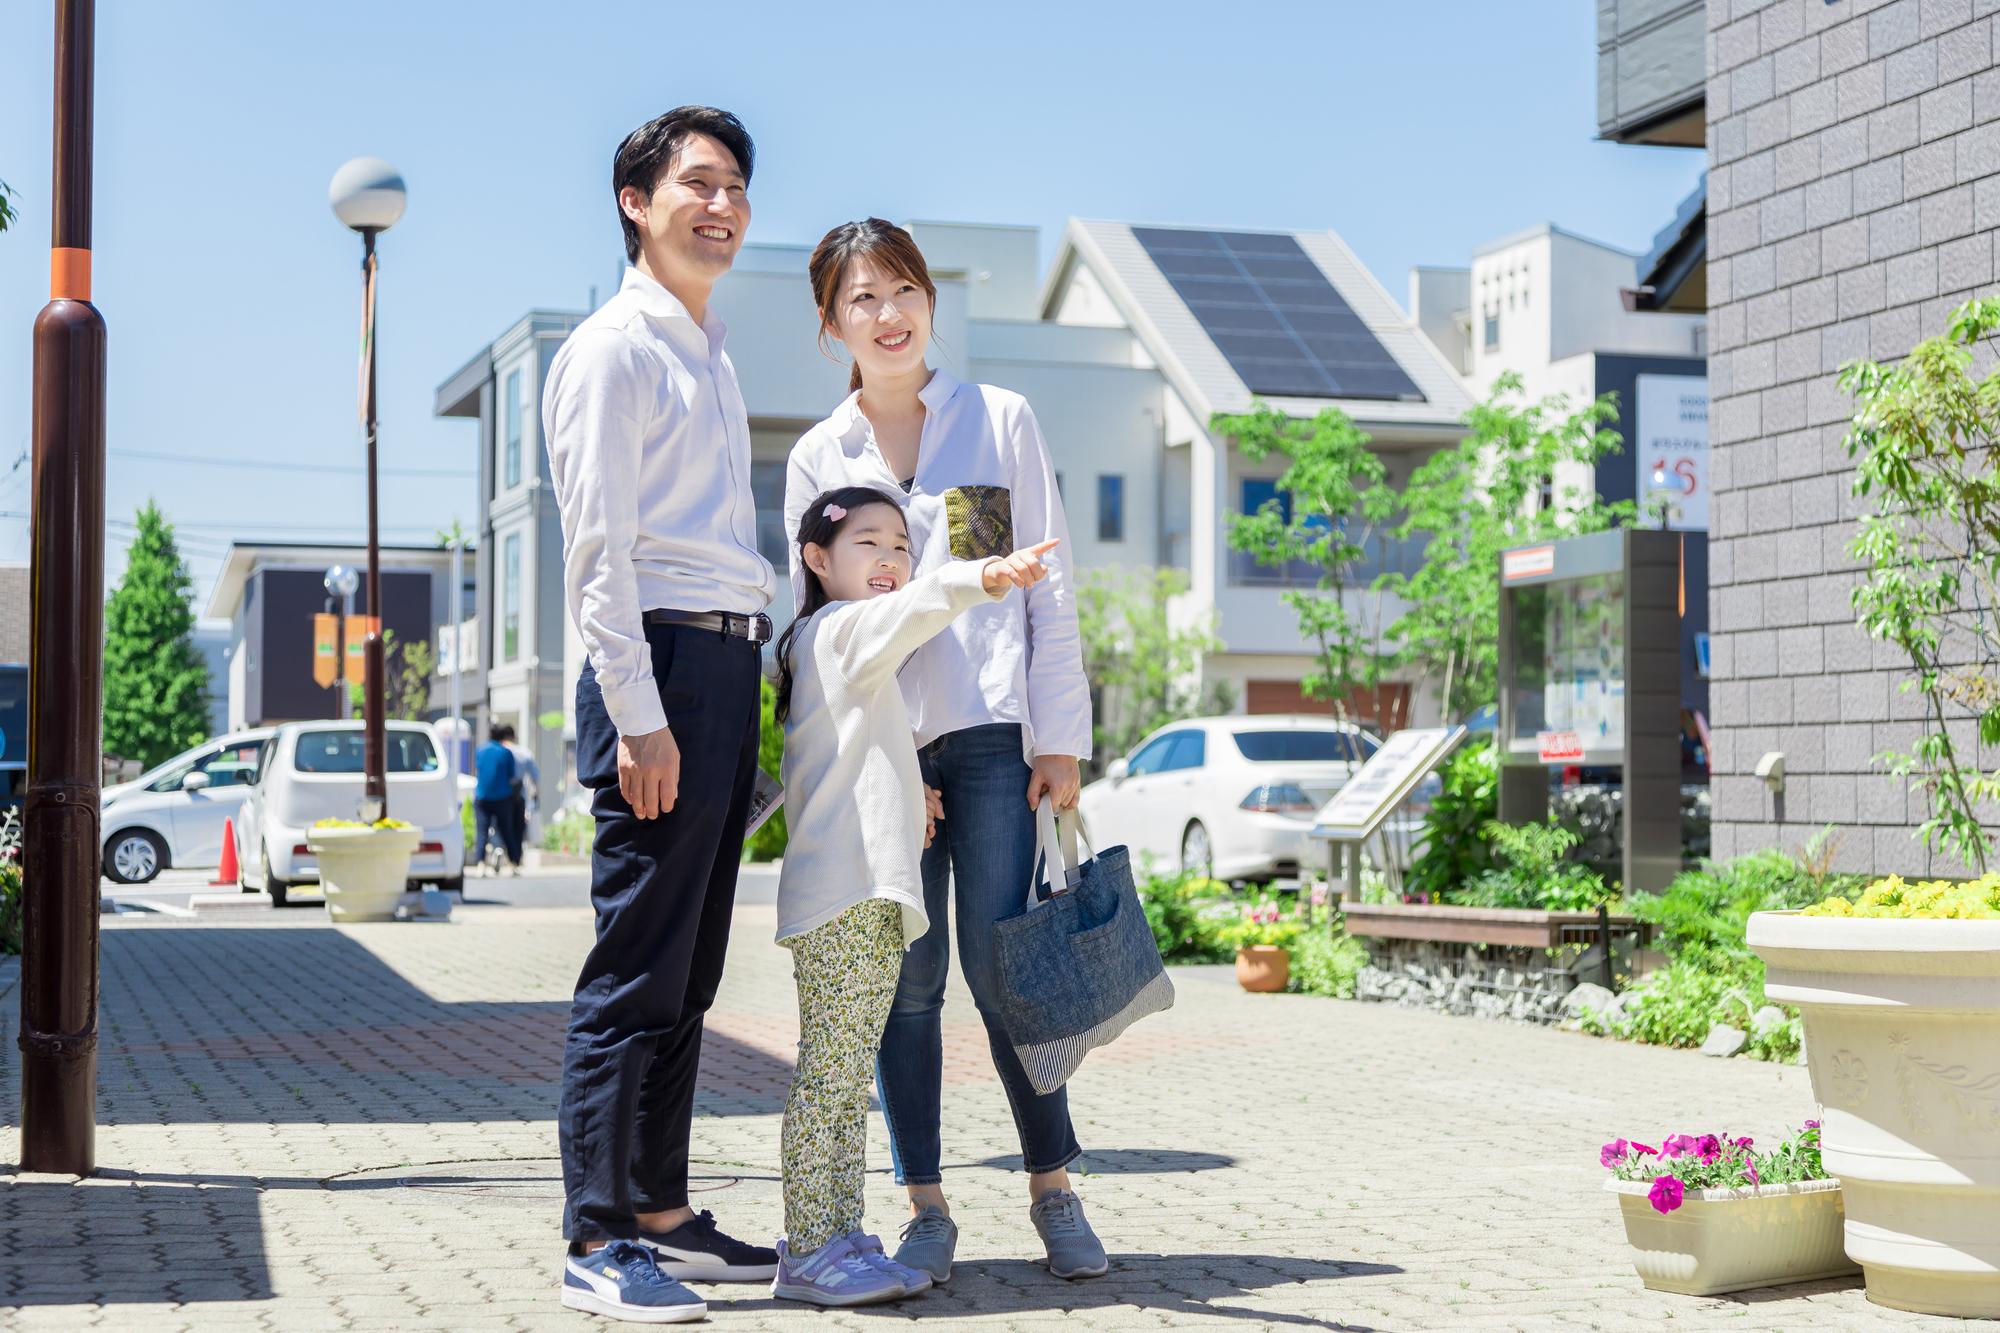 岐阜県のモデルハウス見学はどこに行けばいいの?森住建は「まちかどモデルハウス」として岐阜県各所にて公開中